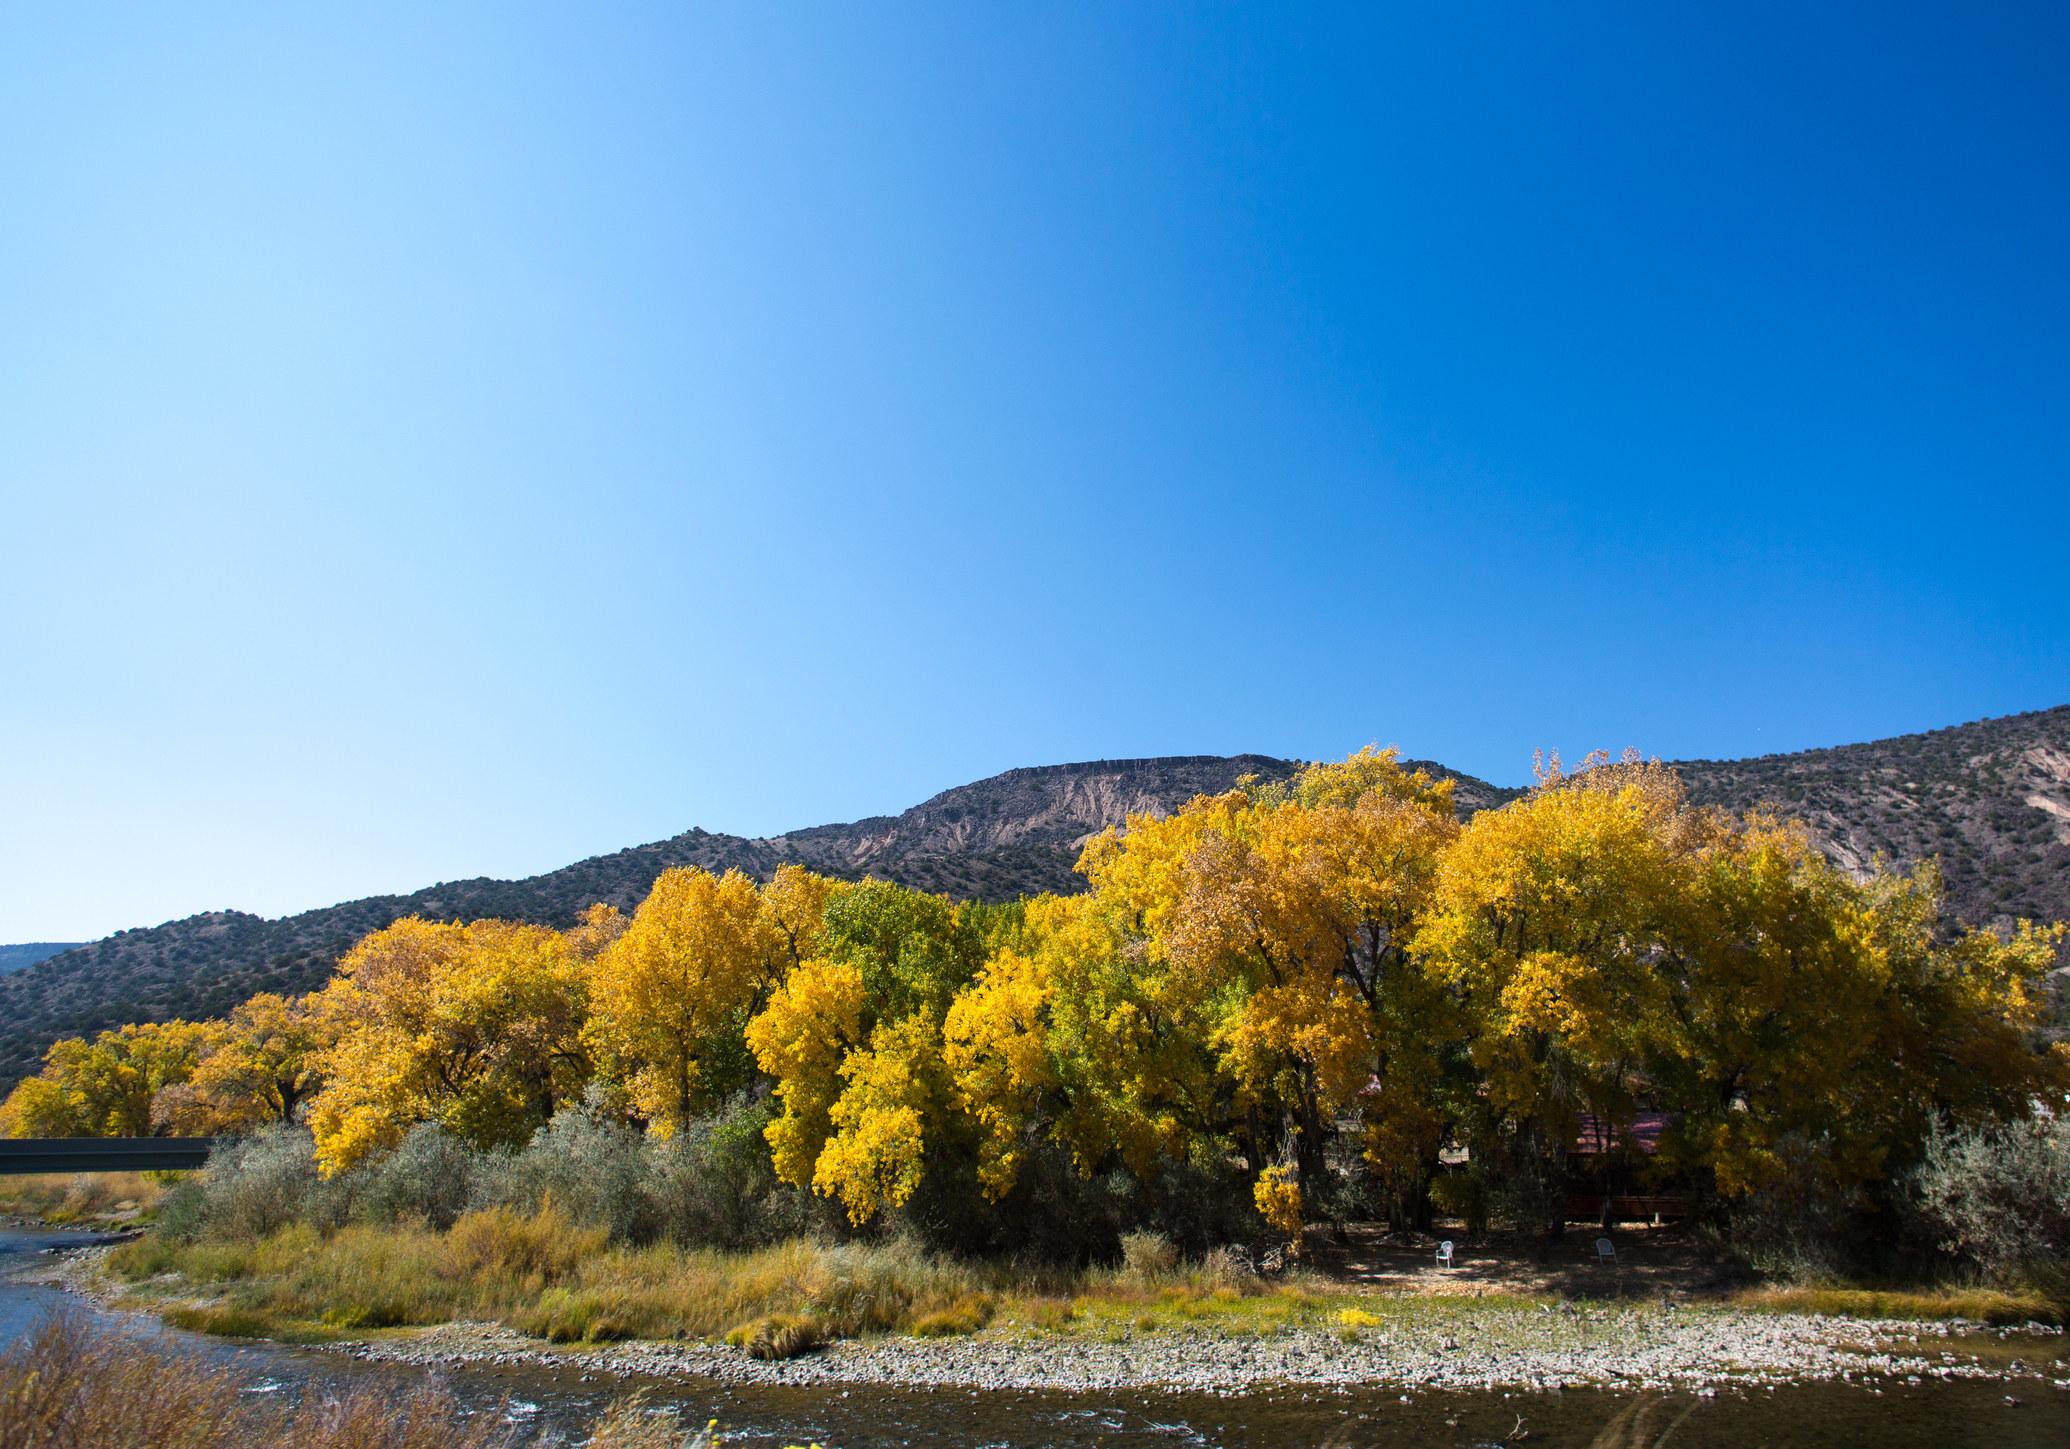 Foliage on the Rio Grande River